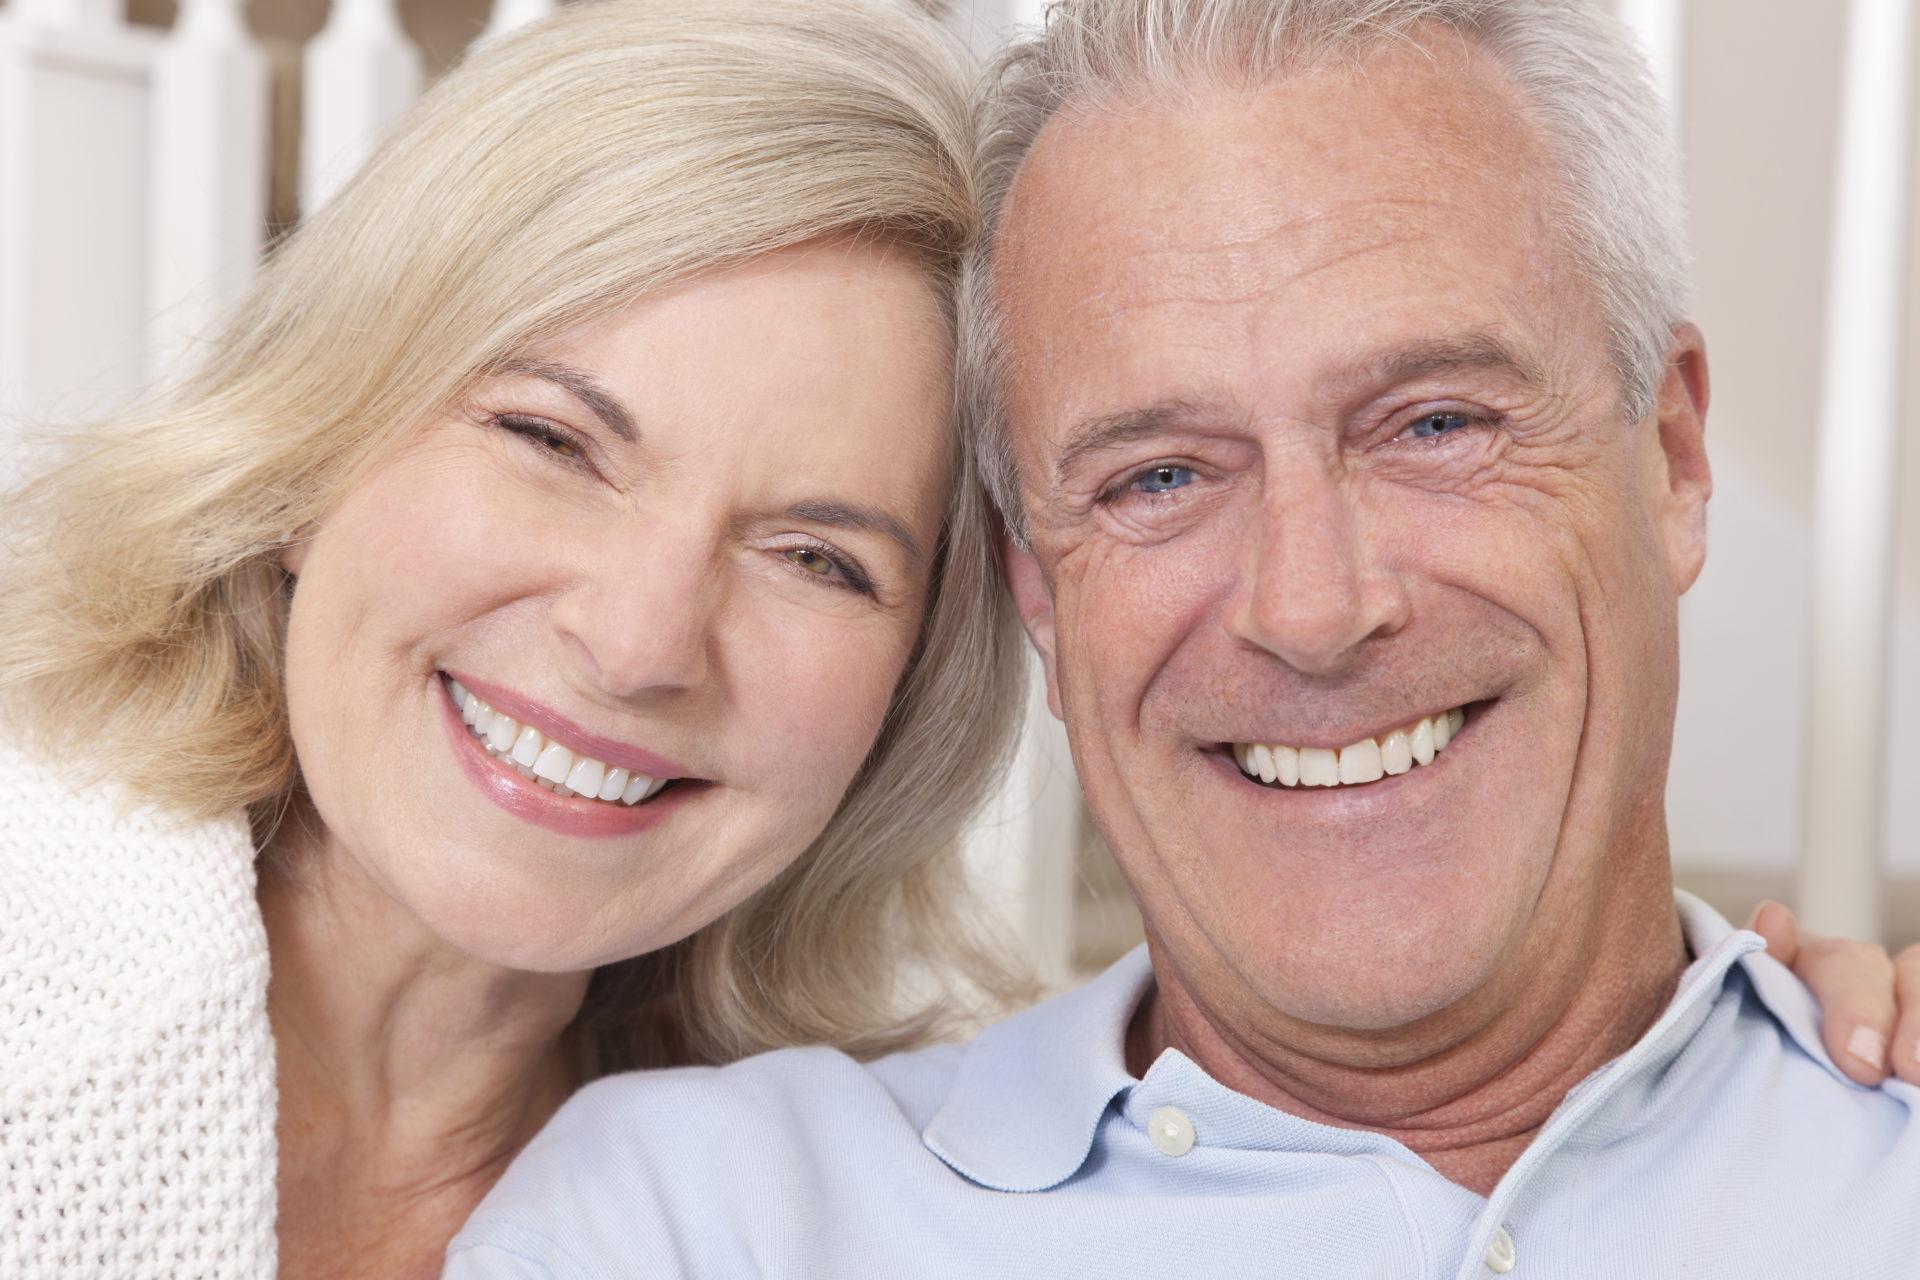 ¿Te faltan piezas dentales? En Clínica Dental Cuadrado te ayudamos a recuperar la sonrisa